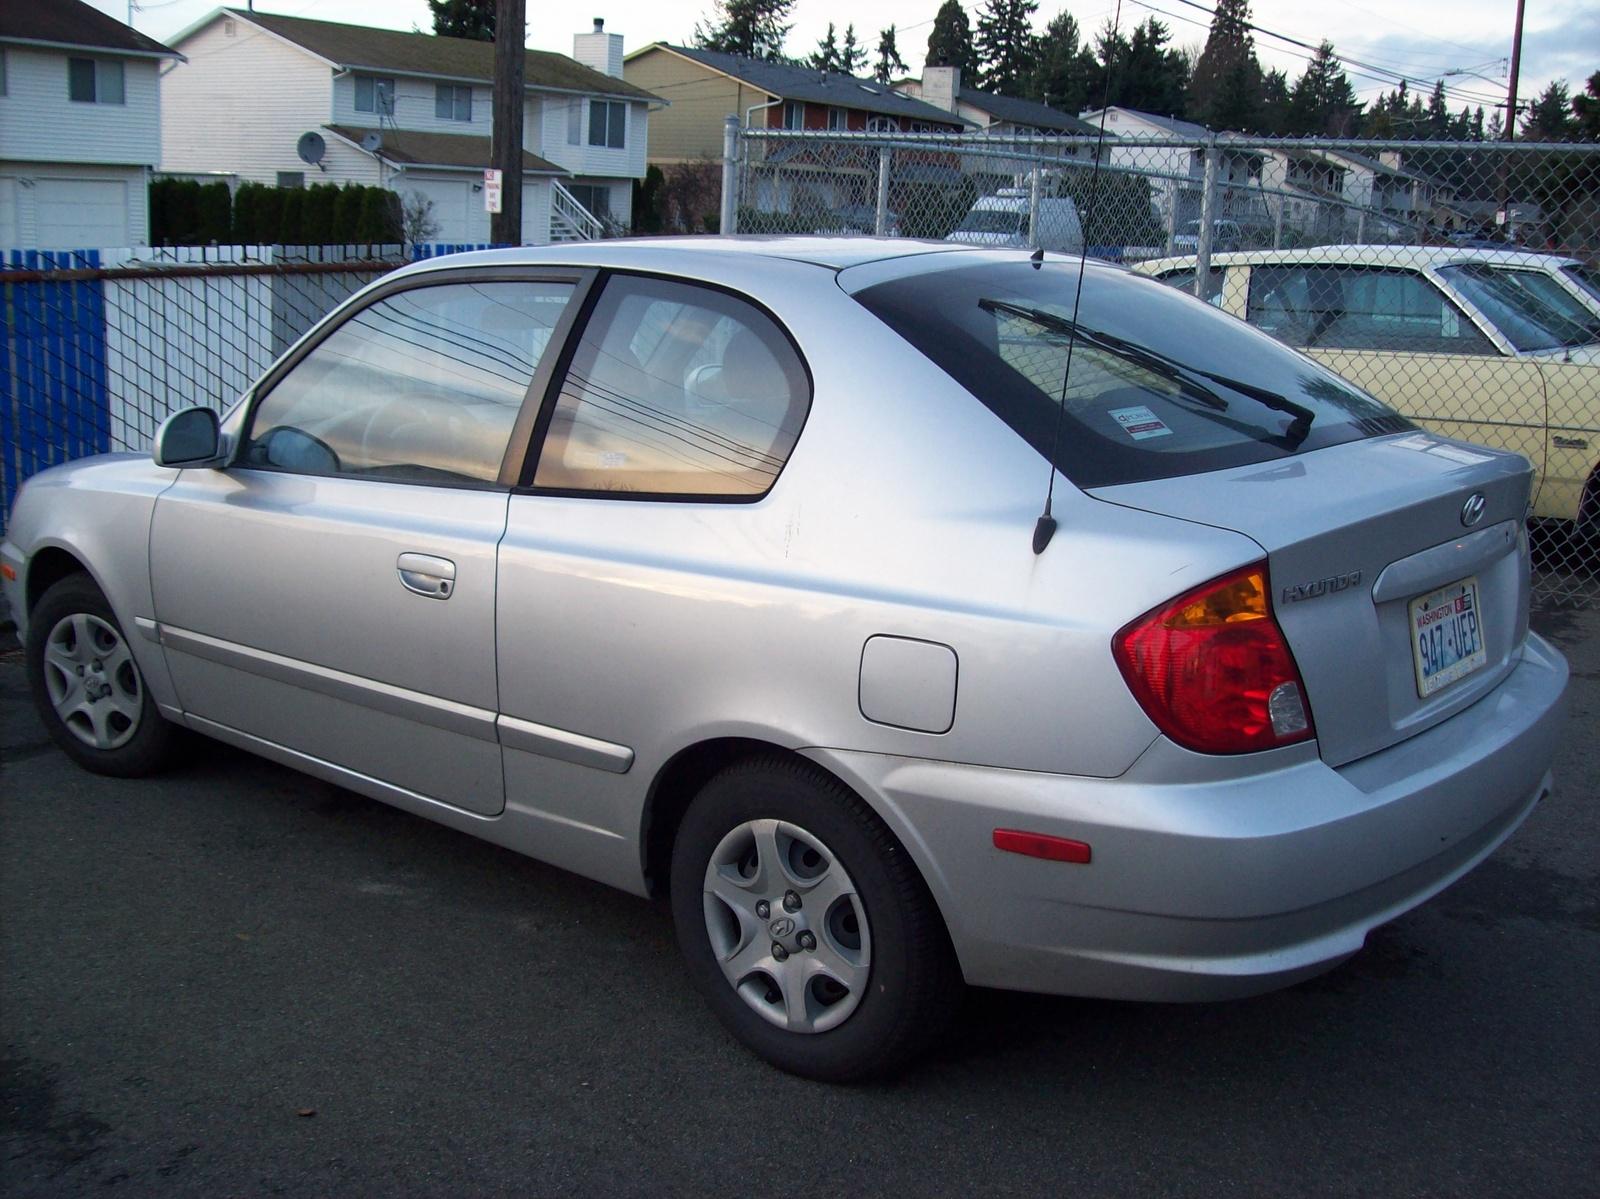 2005 Hyundai Accent Pictures Cargurus